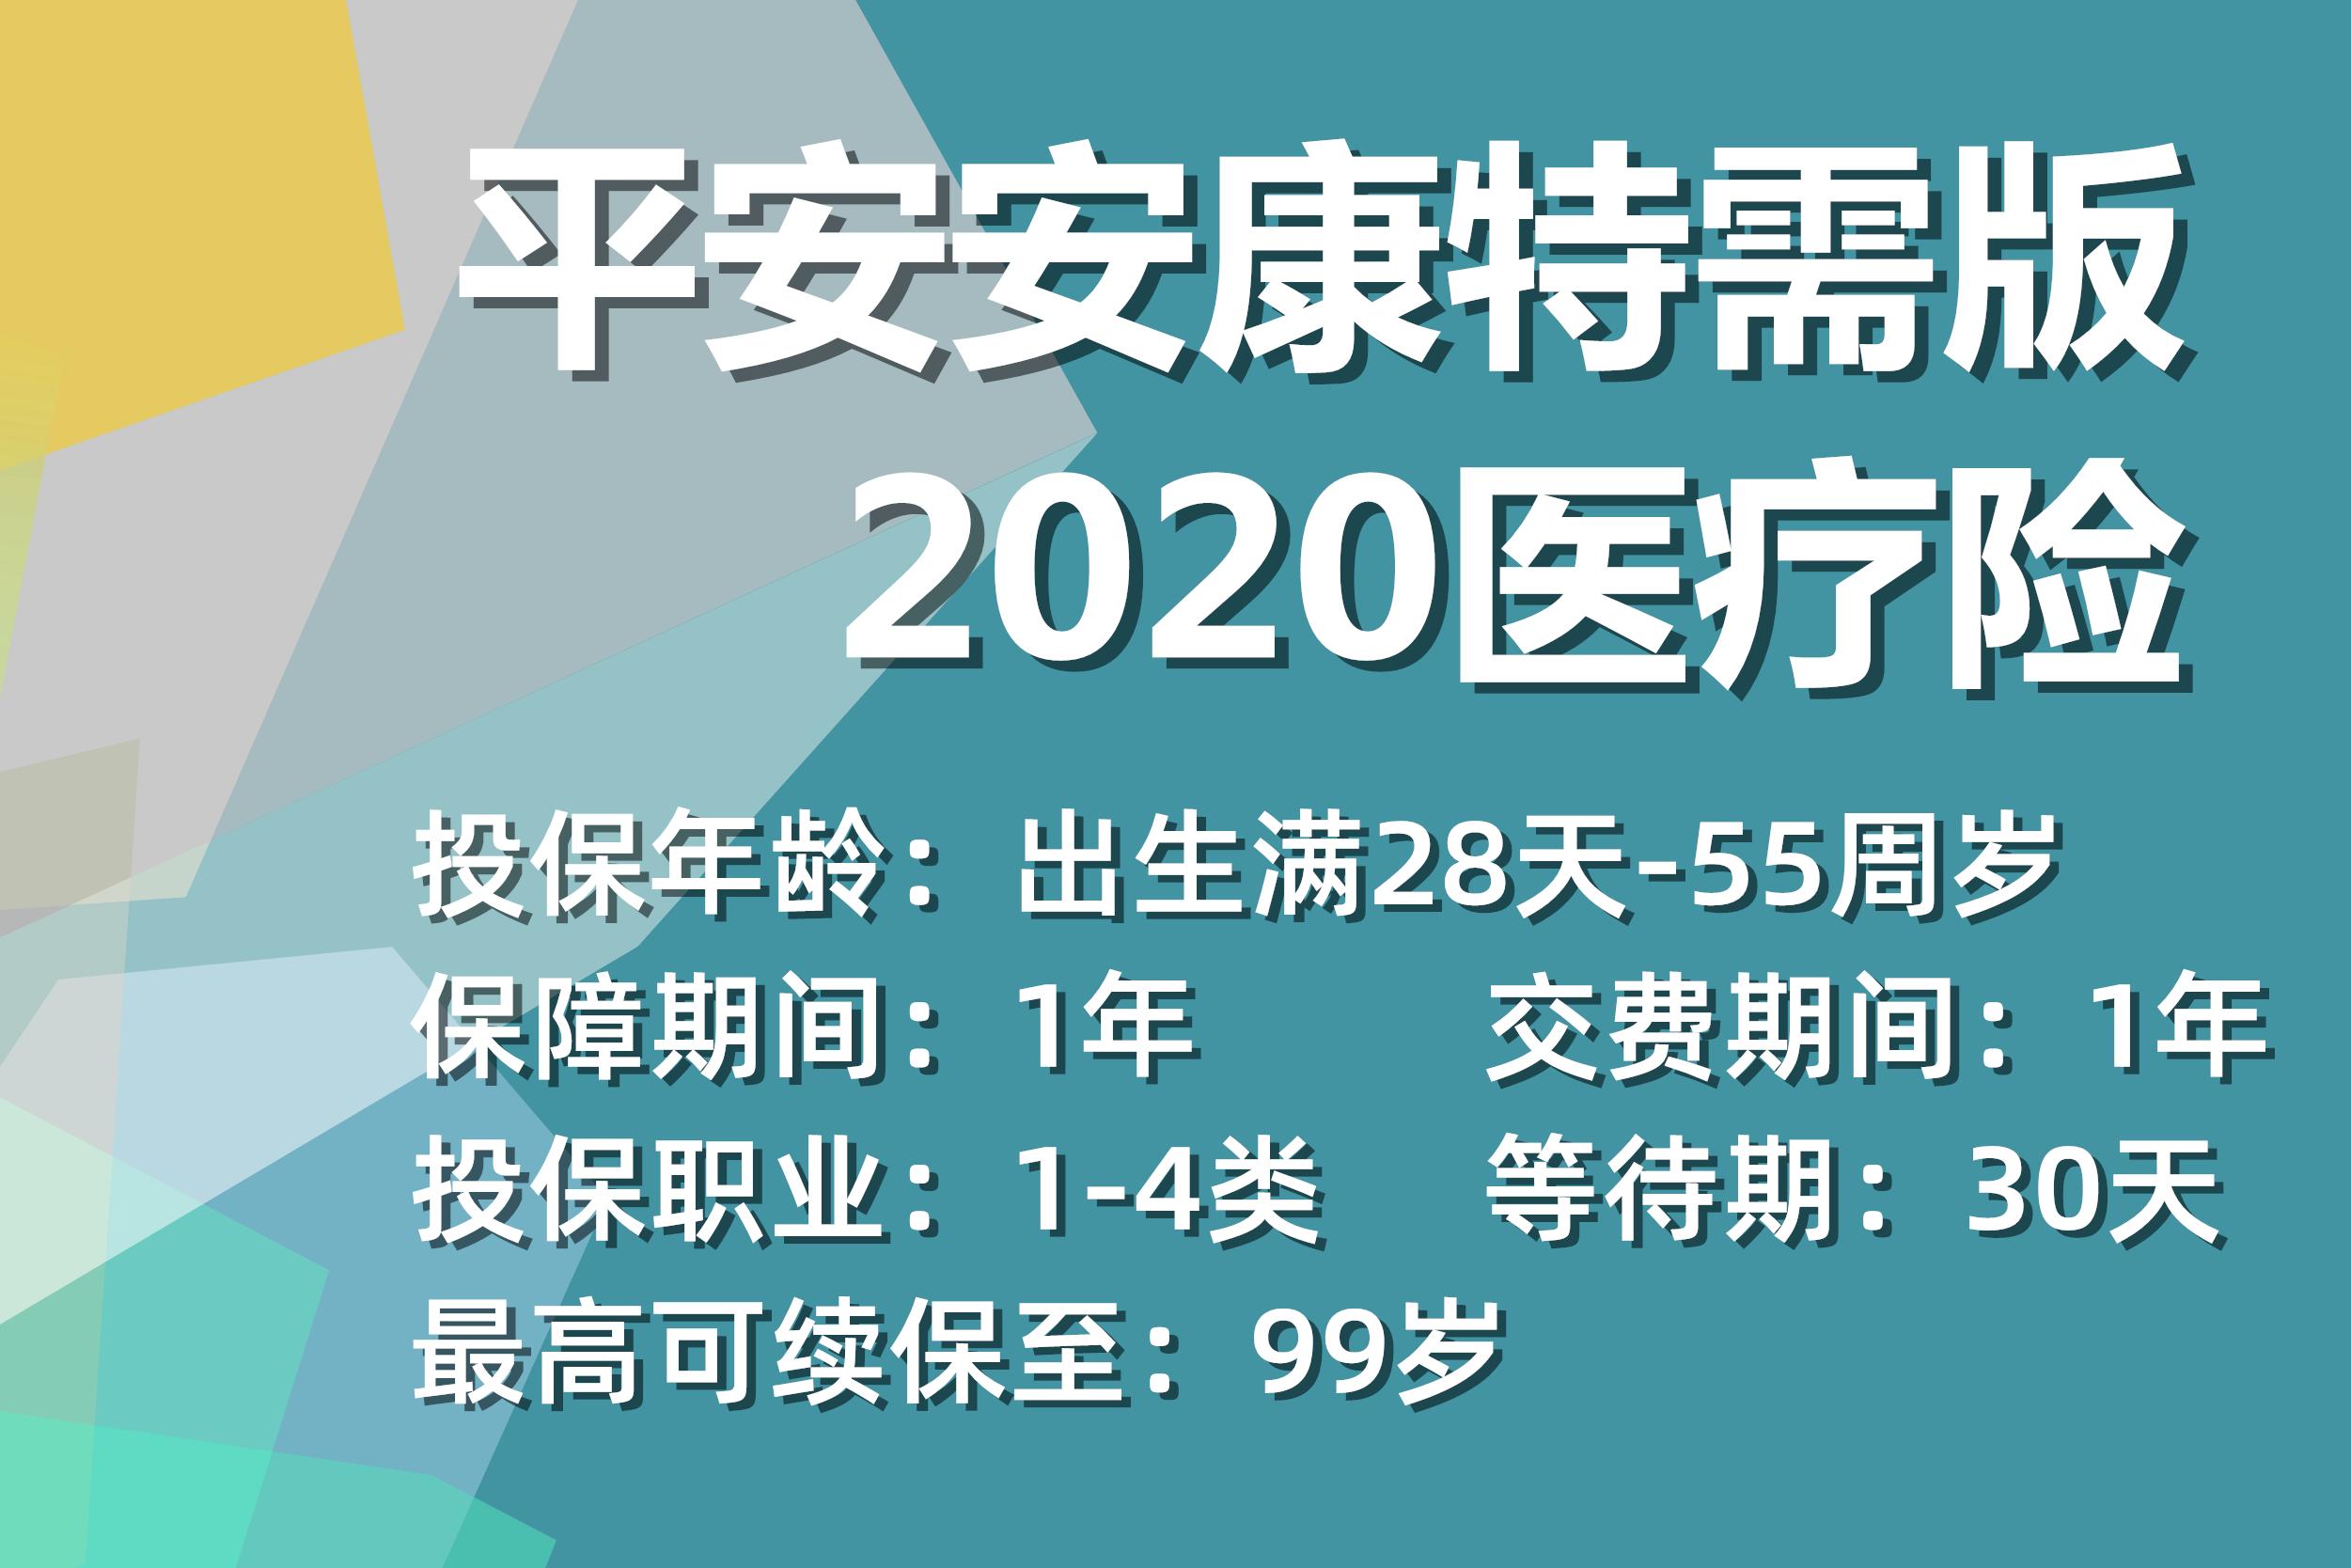 平安安康特需版2020医疗如何?怎么样?好不好?谁能买